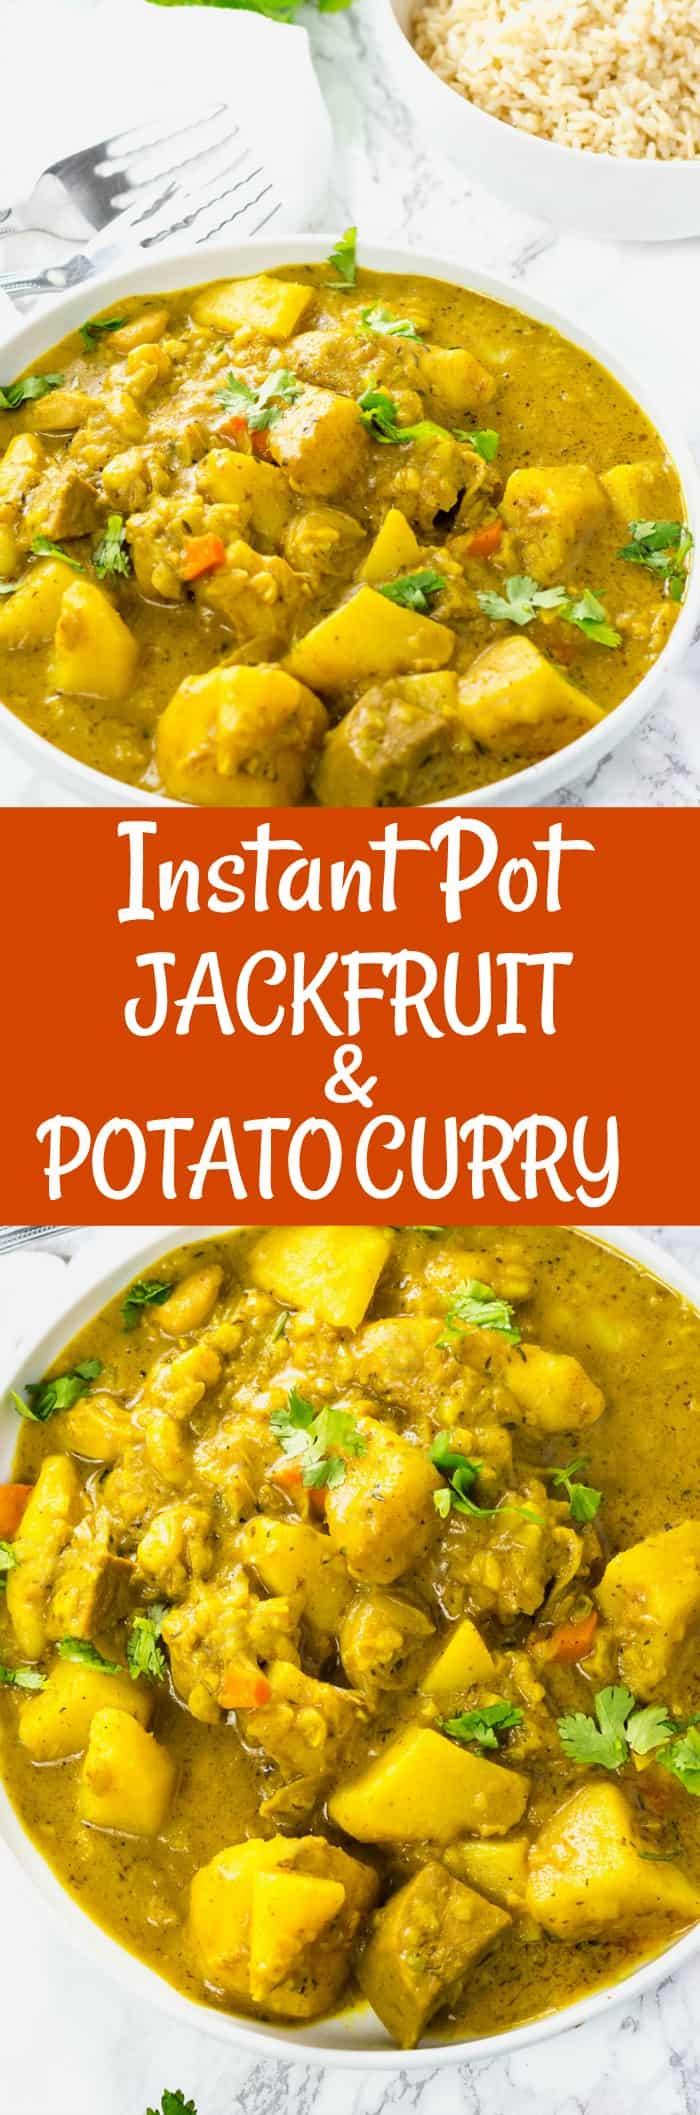 Instant Pot Jackfruit And Potato Curry